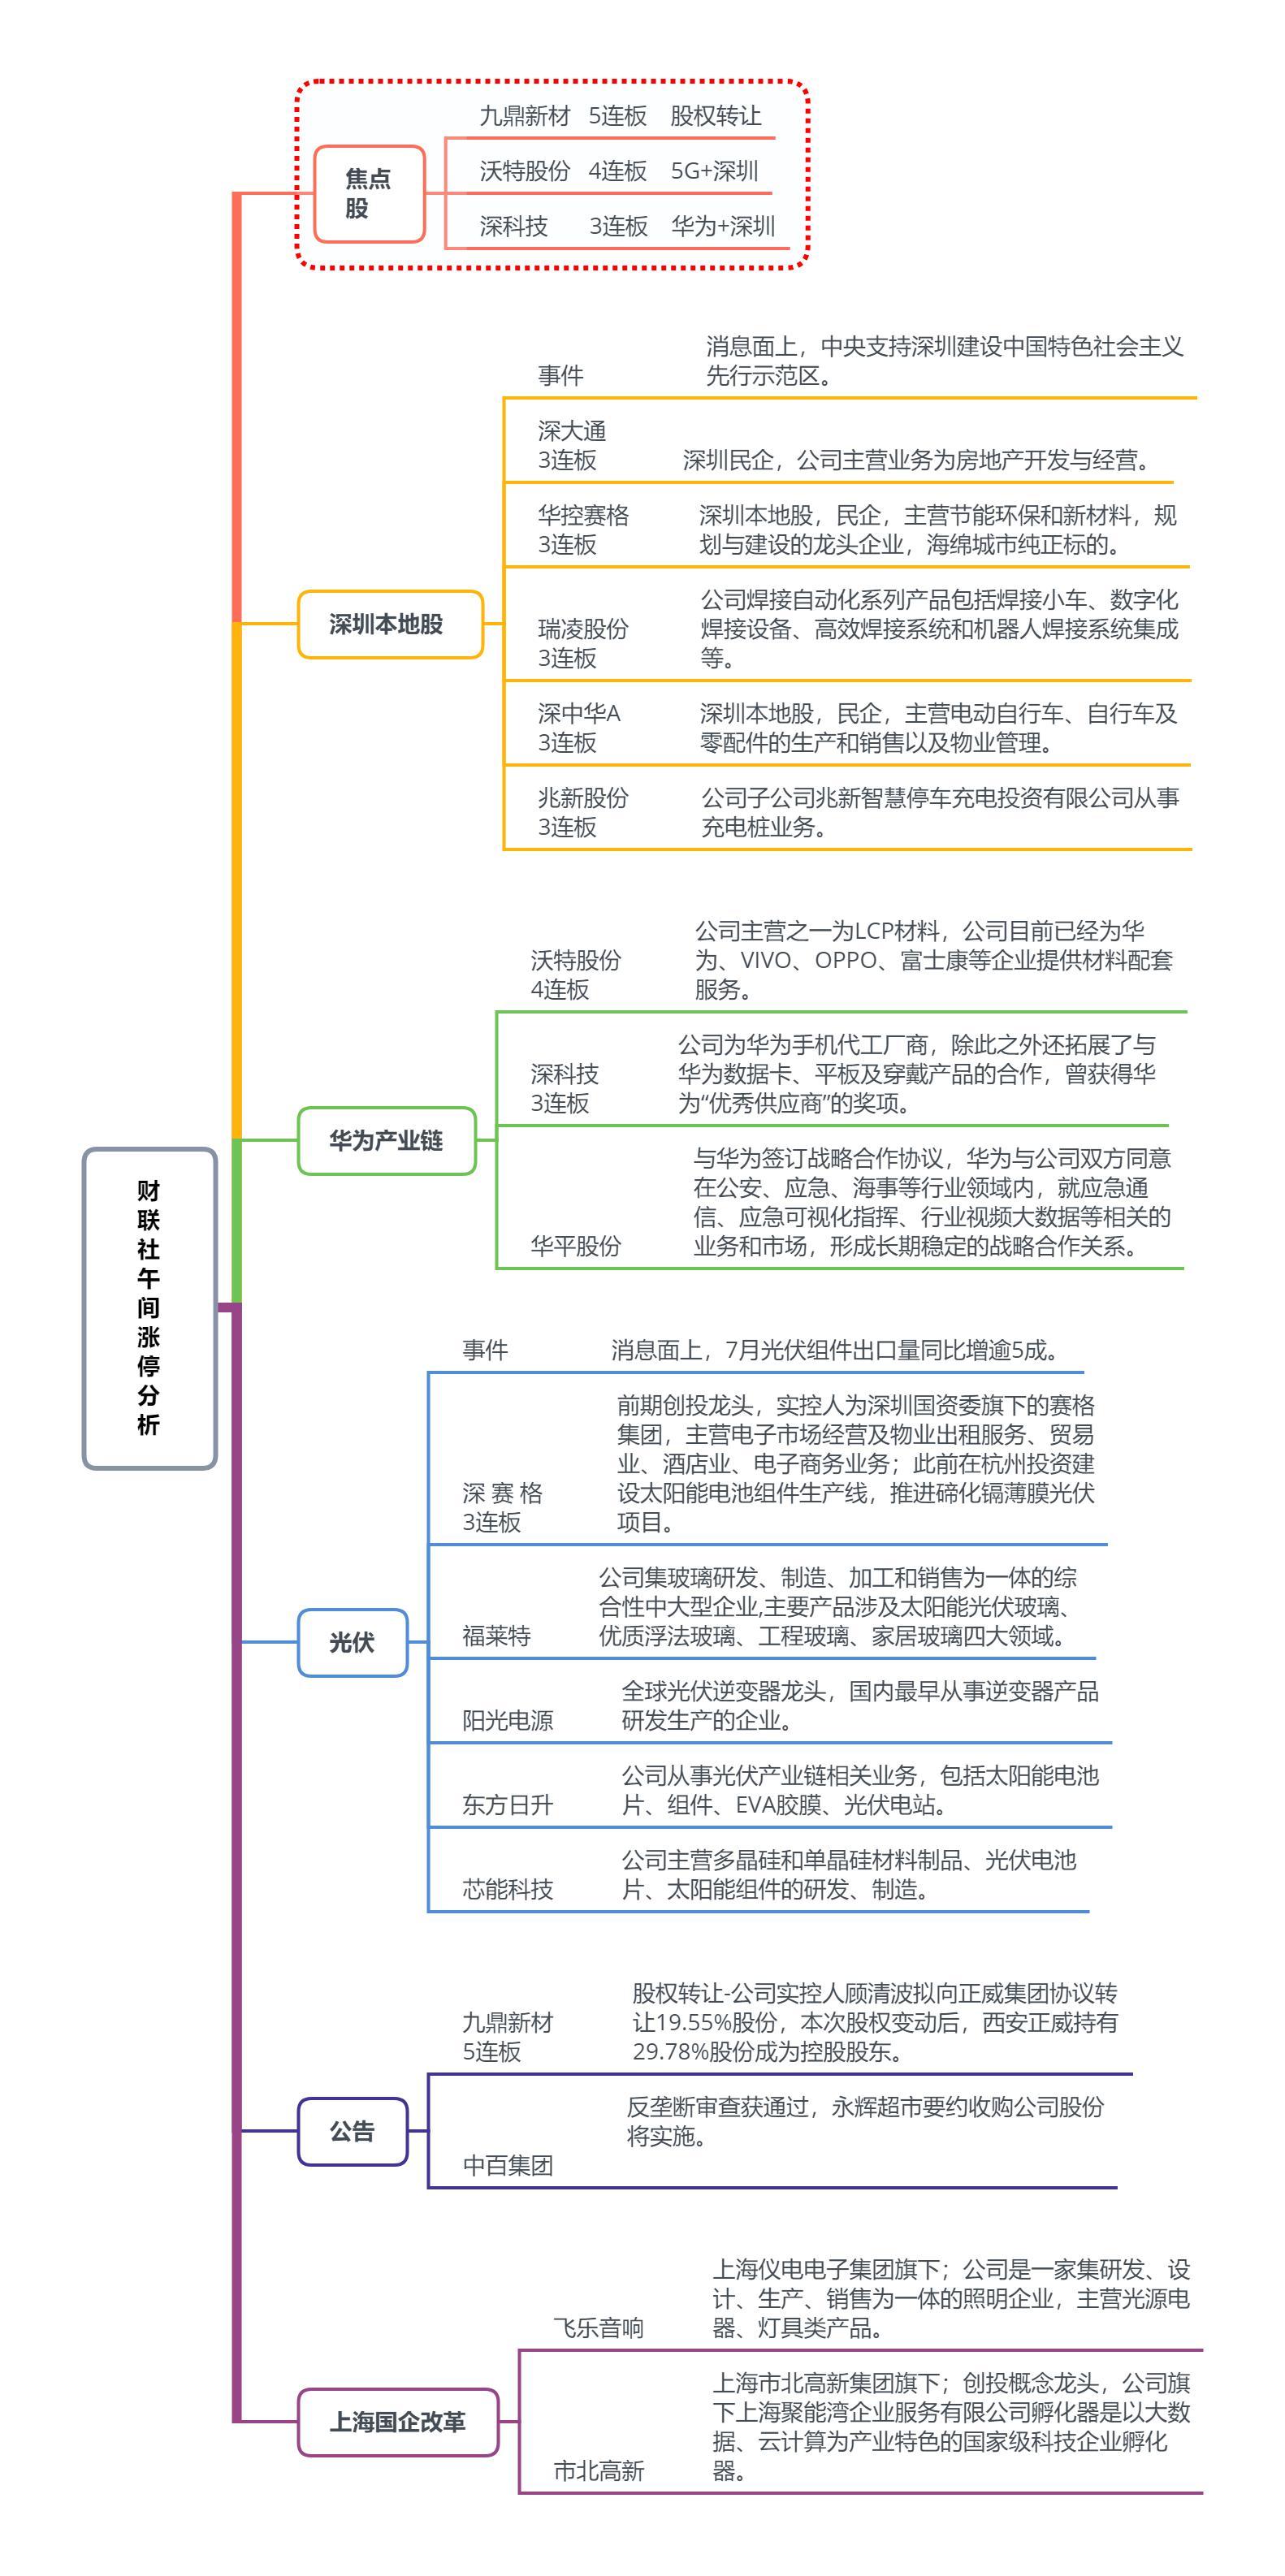 【财联社午报】大盘迎弱势震荡 创投概念卷土重来